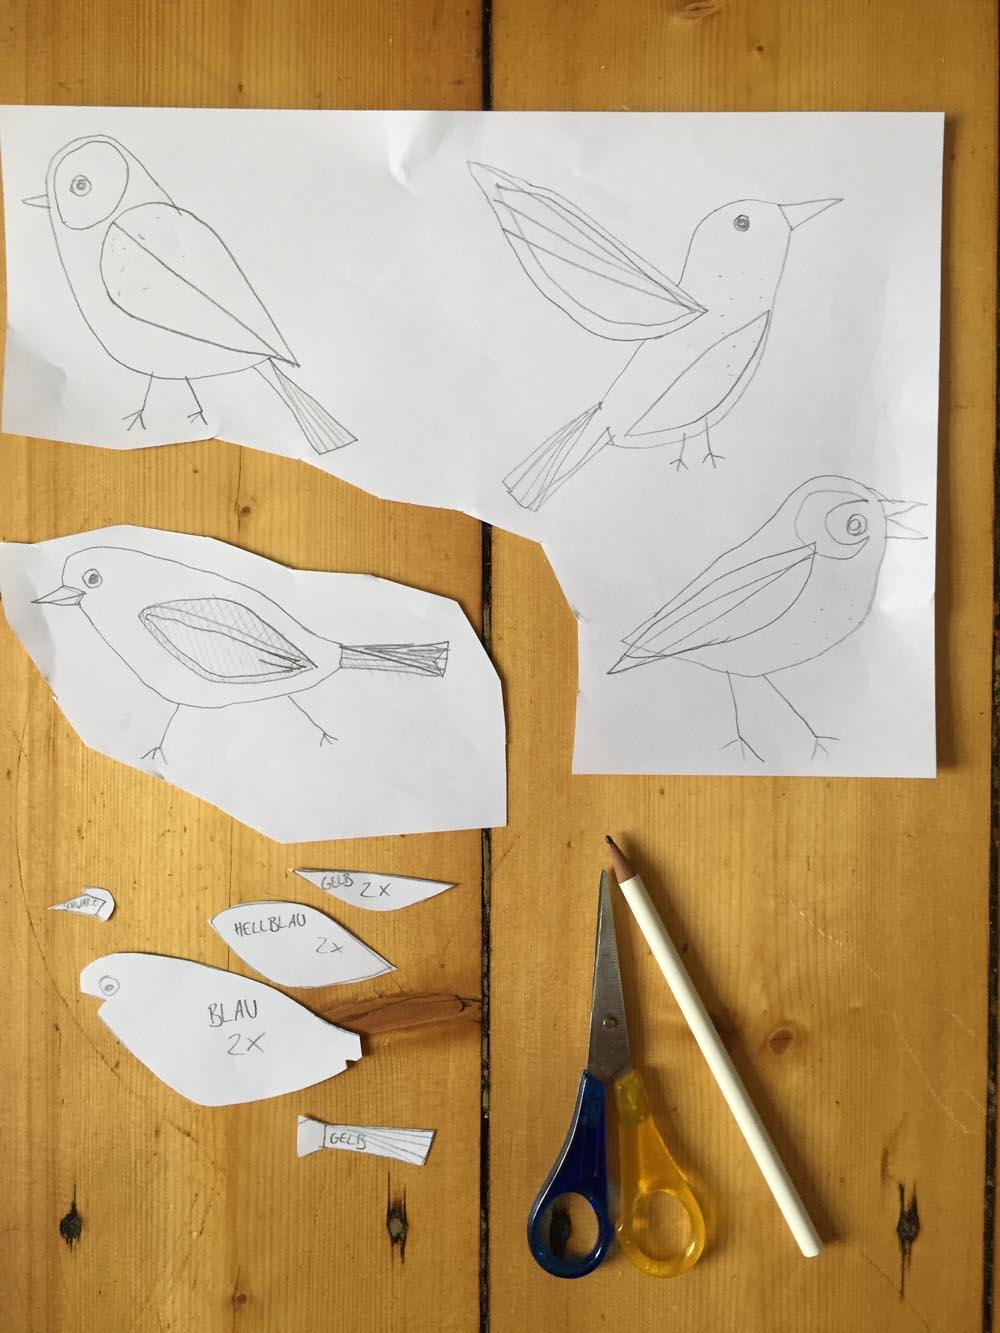 Filz Ornament Vogel nähen, Schnittmuster für Vogel aus Filz, Anleitung für Schnittmuster, kostenlose Anleitung zum selber machen, Schnittmuster für Vogel aus Filz, für Anfänger geeignet, eines Näh-Projekt für Anfänger